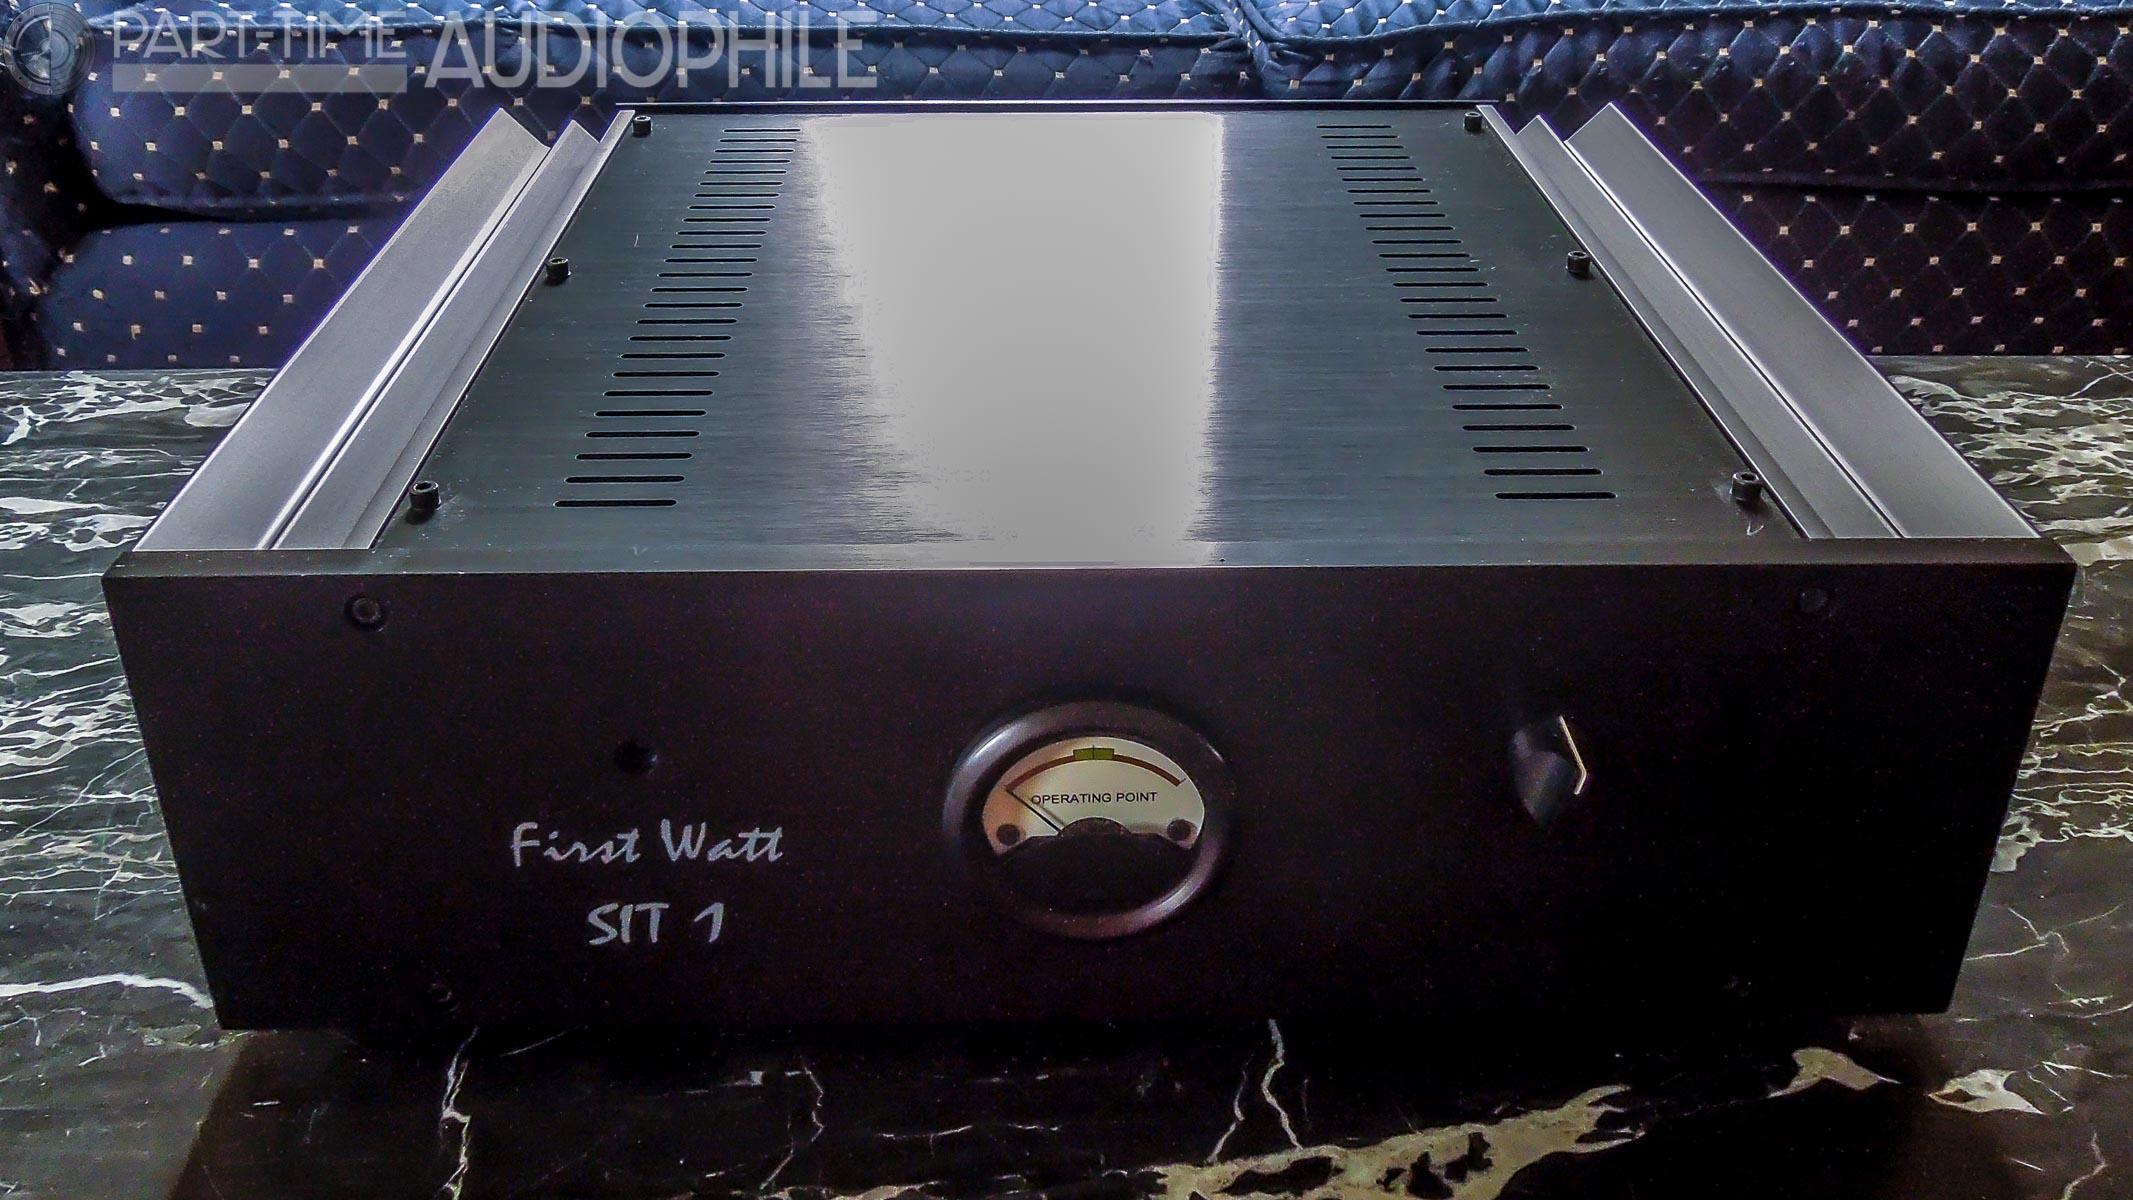 Review J2 Sit 1 And F7 First Watt Amplifiers By Nelson Pass How To Build Speach Amplifier Firstwatt 1074